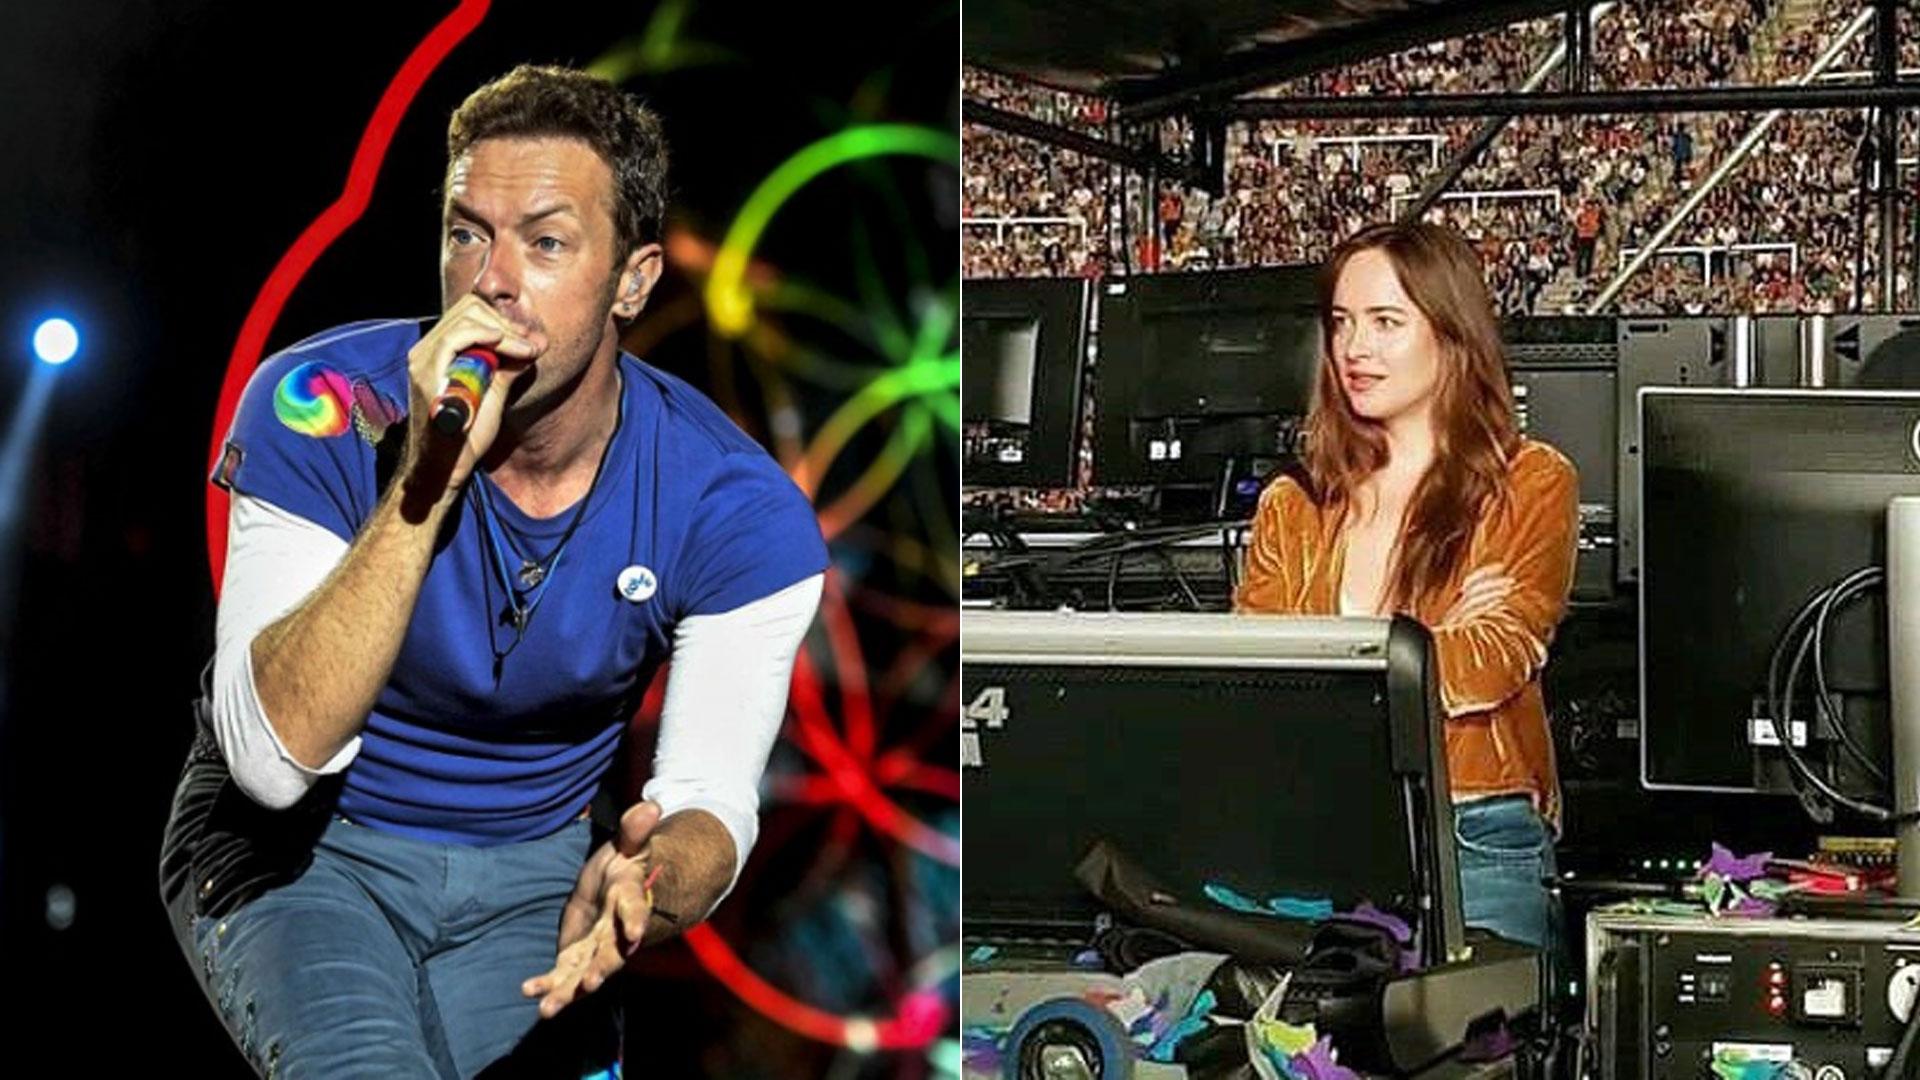 Chris Martin, líder de Coldplay, brindó dos shows en el Estadio Único de La Plata. La actriz Dakota Johnson disfrutó del recital y no pasó inadvertida… ¡Hay amor!